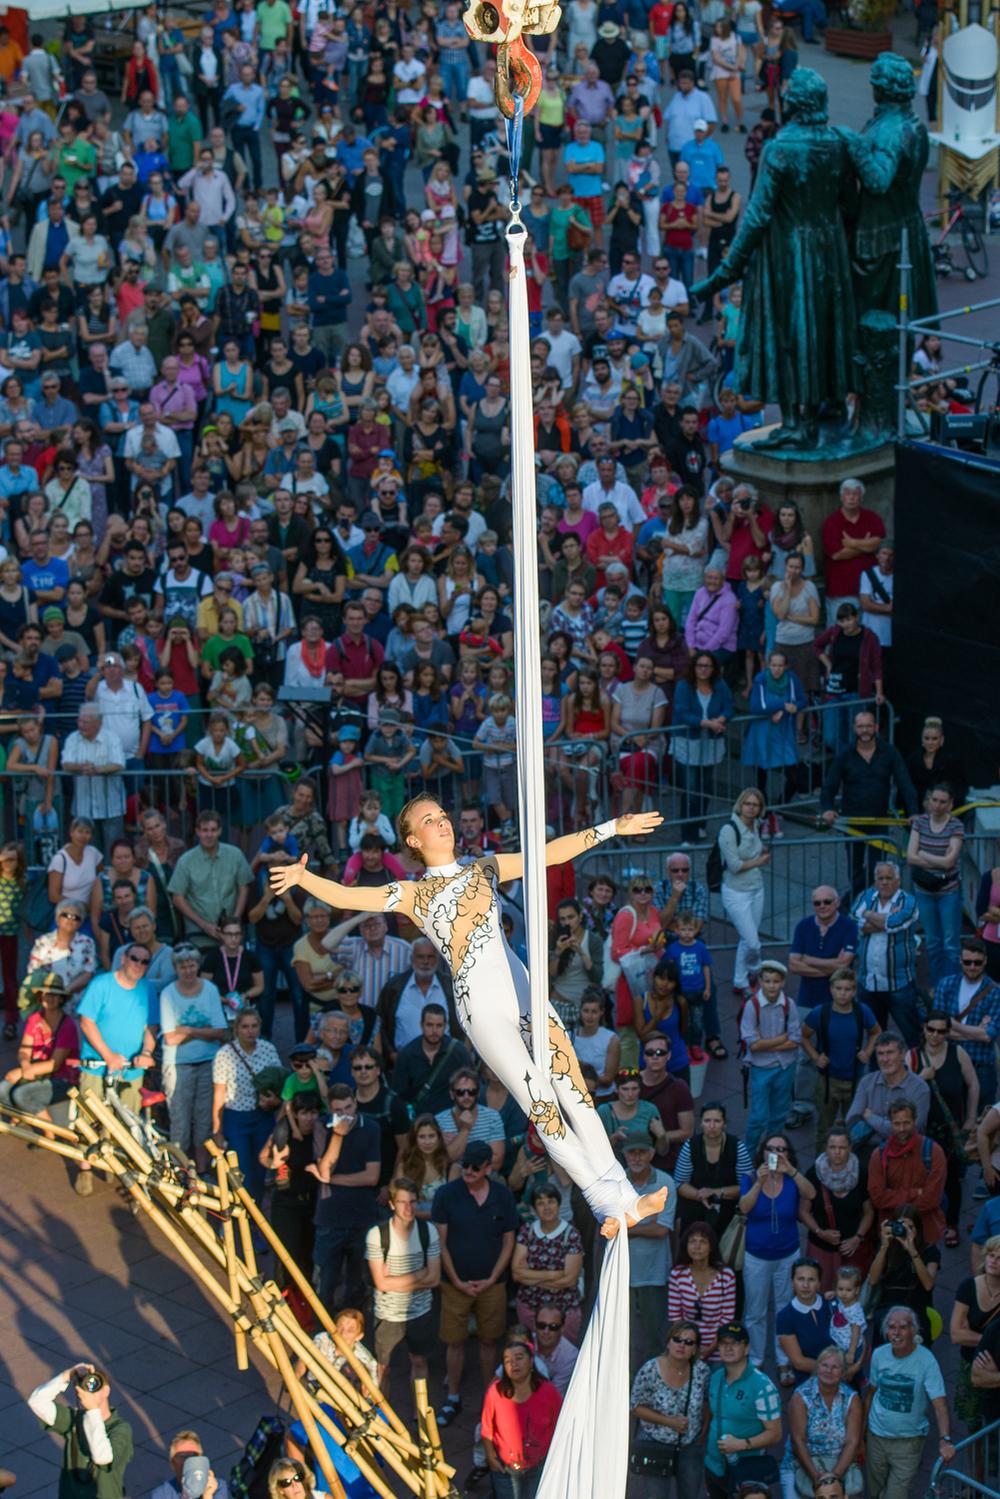 Eröffnung des Kunstfest 2015 am 21.08.15. Foto: Candy Welz